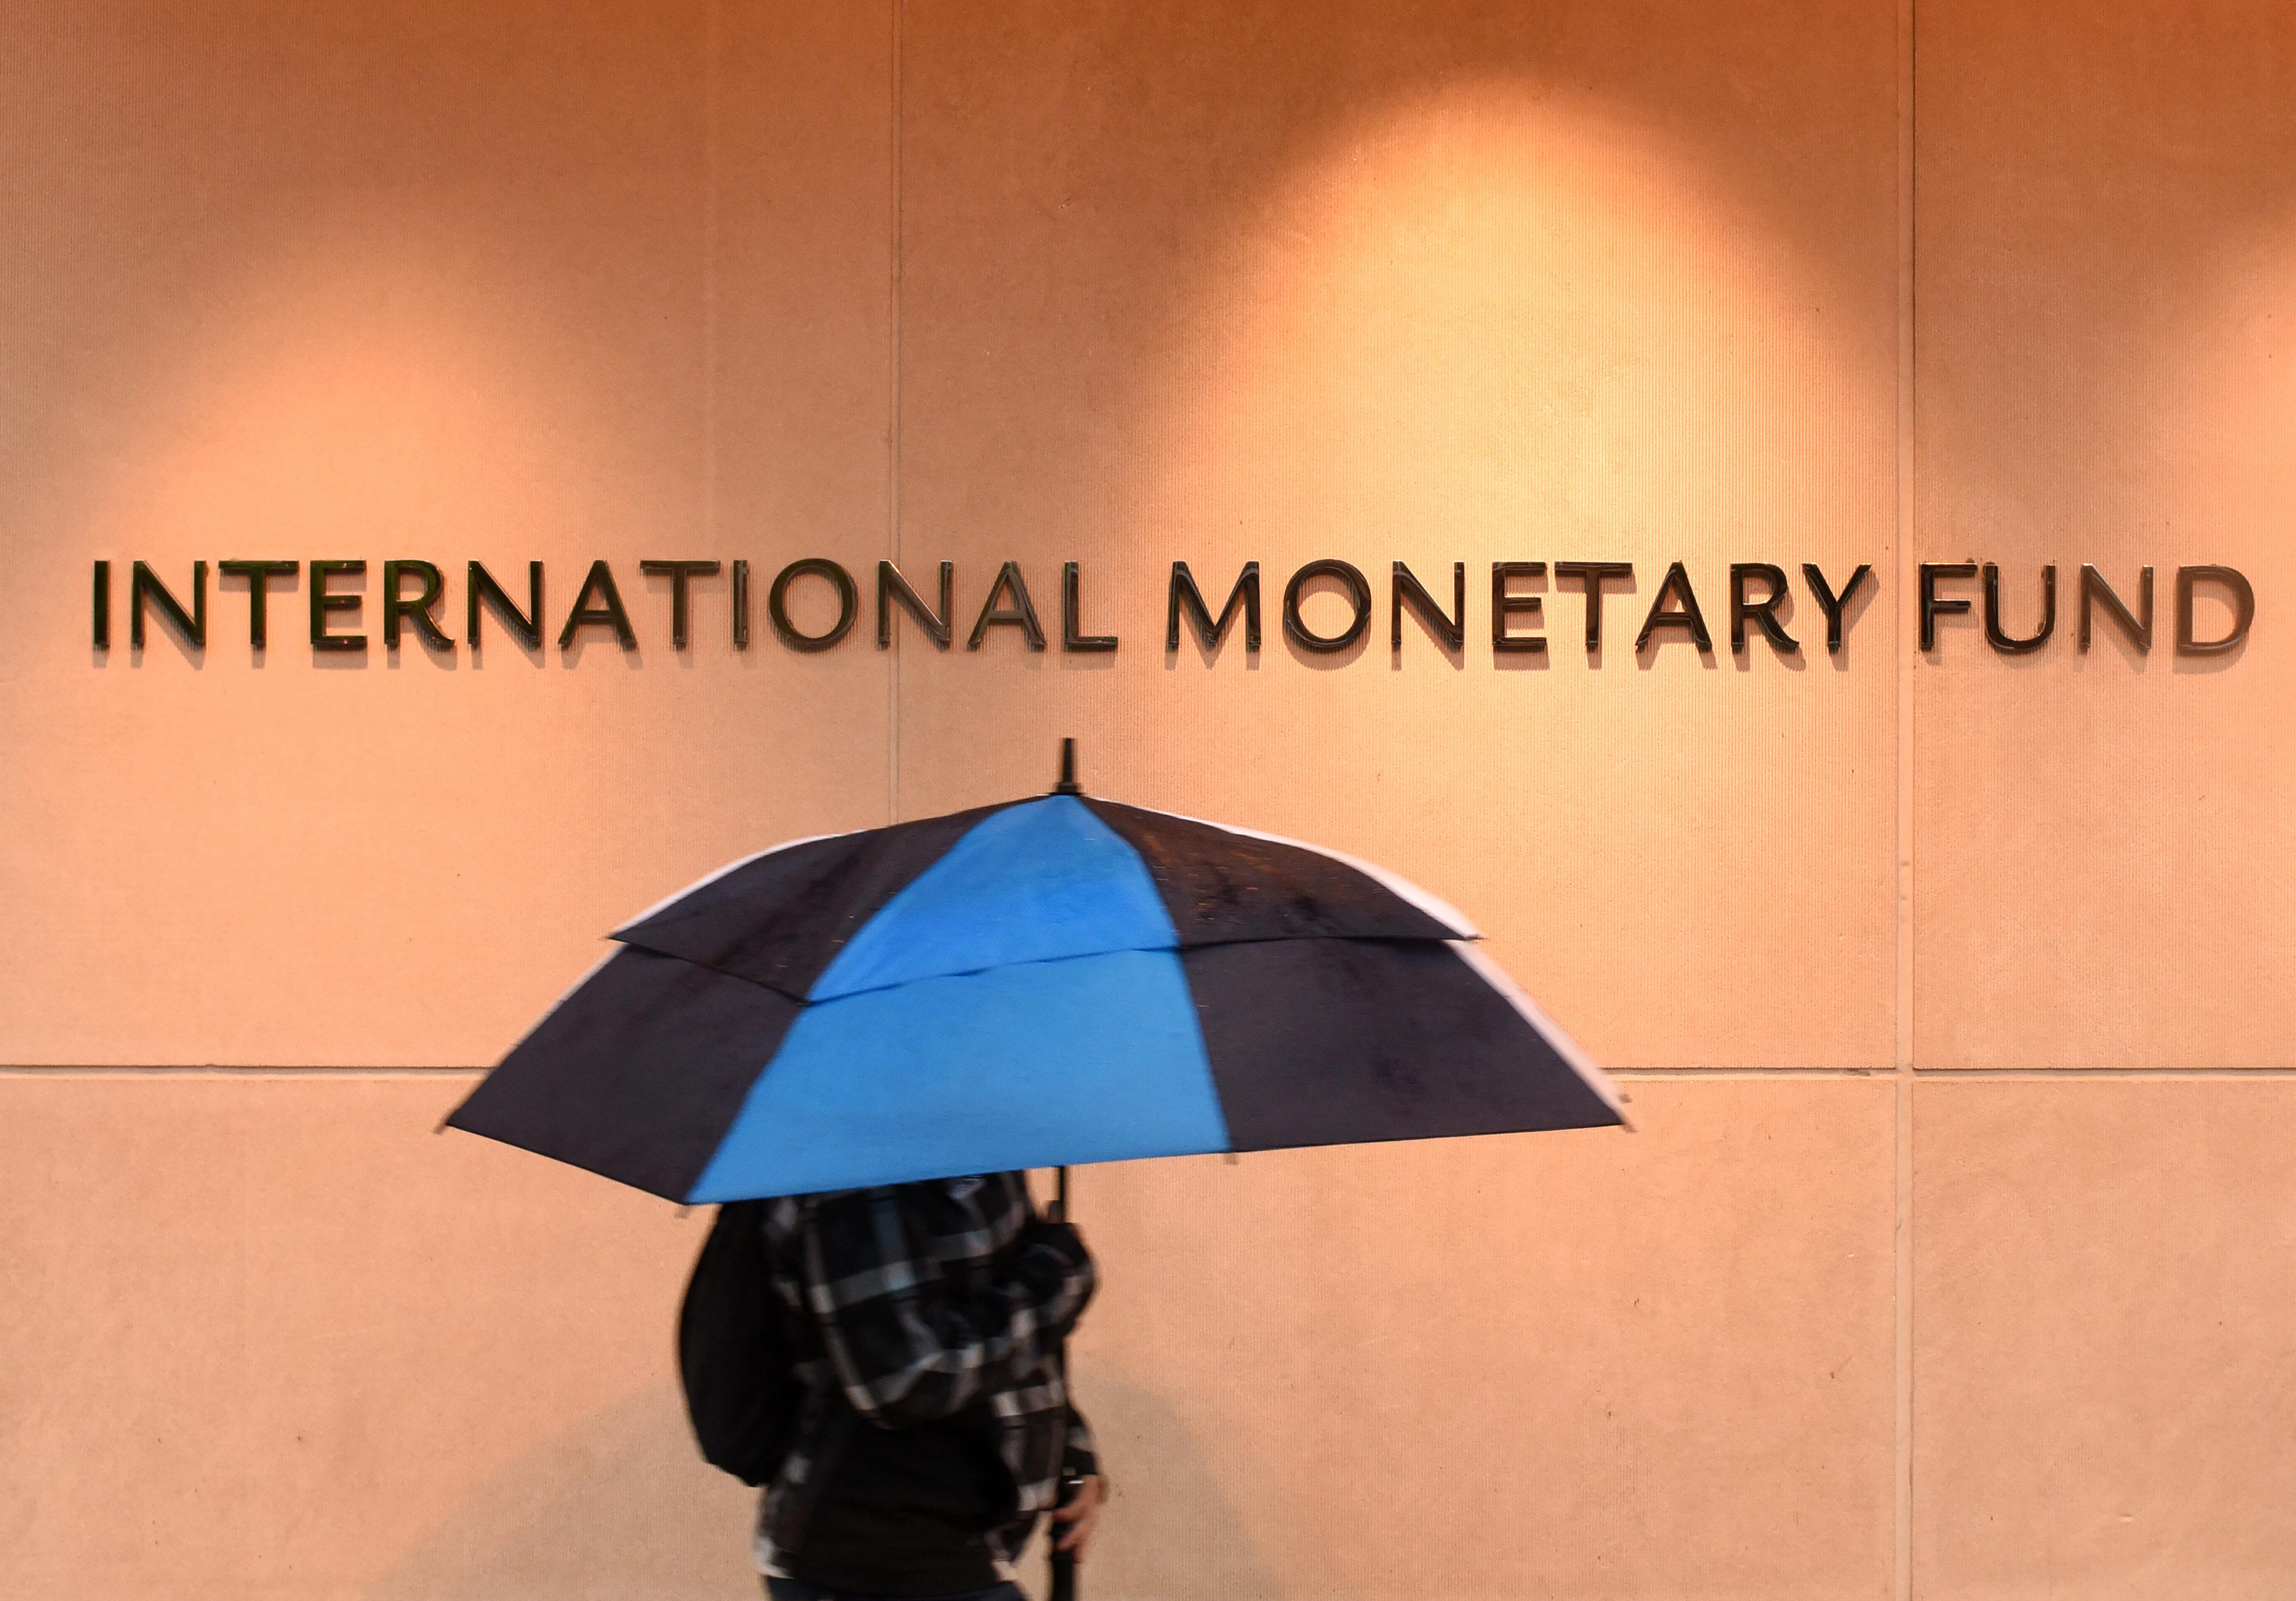 Το ΔΝΤ αναθεώρησε προς τα πάνω την πρόβλεψη για την ανάπτυξη στην Ελλάδα το 2019 και προς το κάτω σε μεσοπρόθεσμο επίπεδο